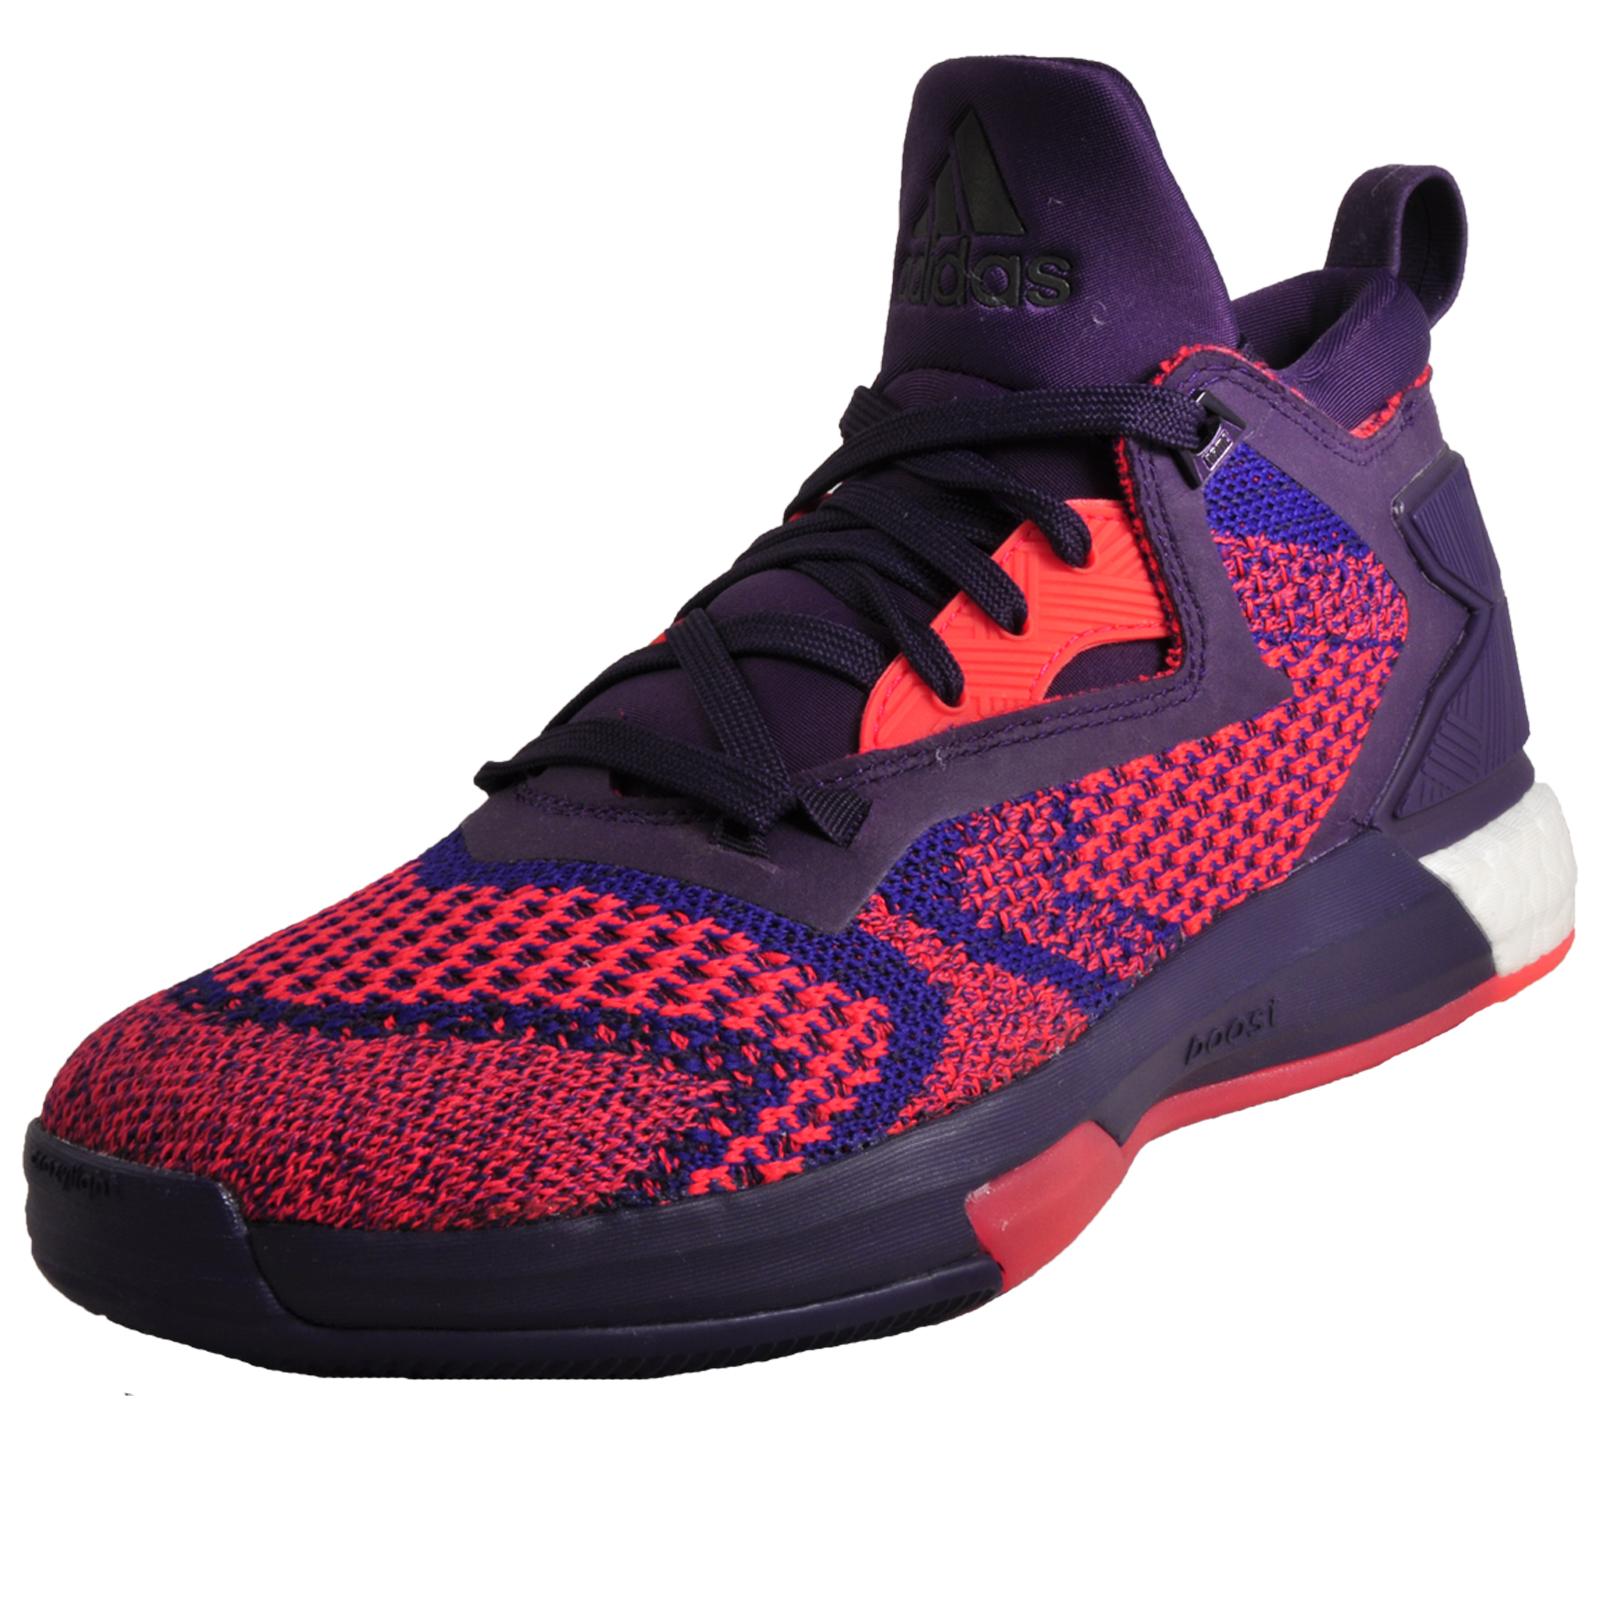 f6d3f2376 Adidas Damian Lillard 2 Boost Primeknit Mens Basketball Trainers Purple Ltd  Edition